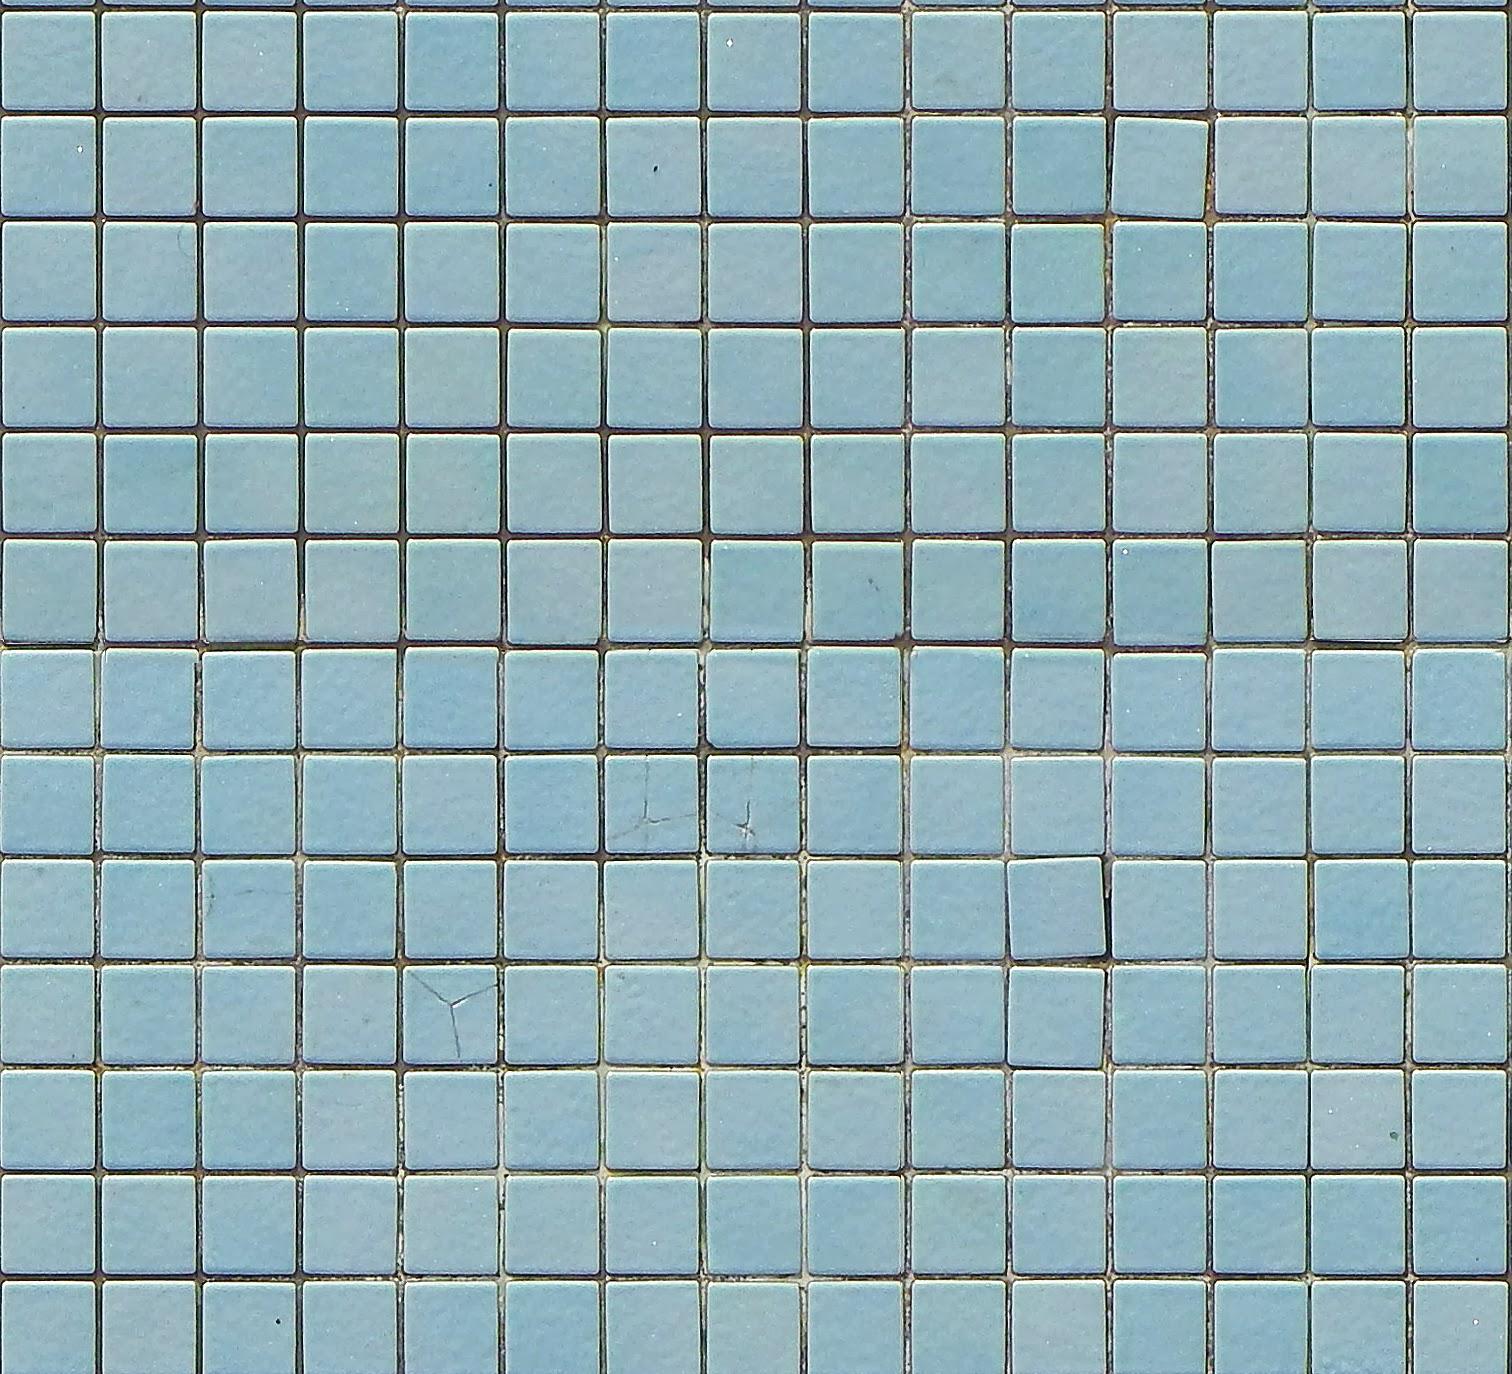 Tileable Blue Mosaic Pool Tiles Texture + (Maps